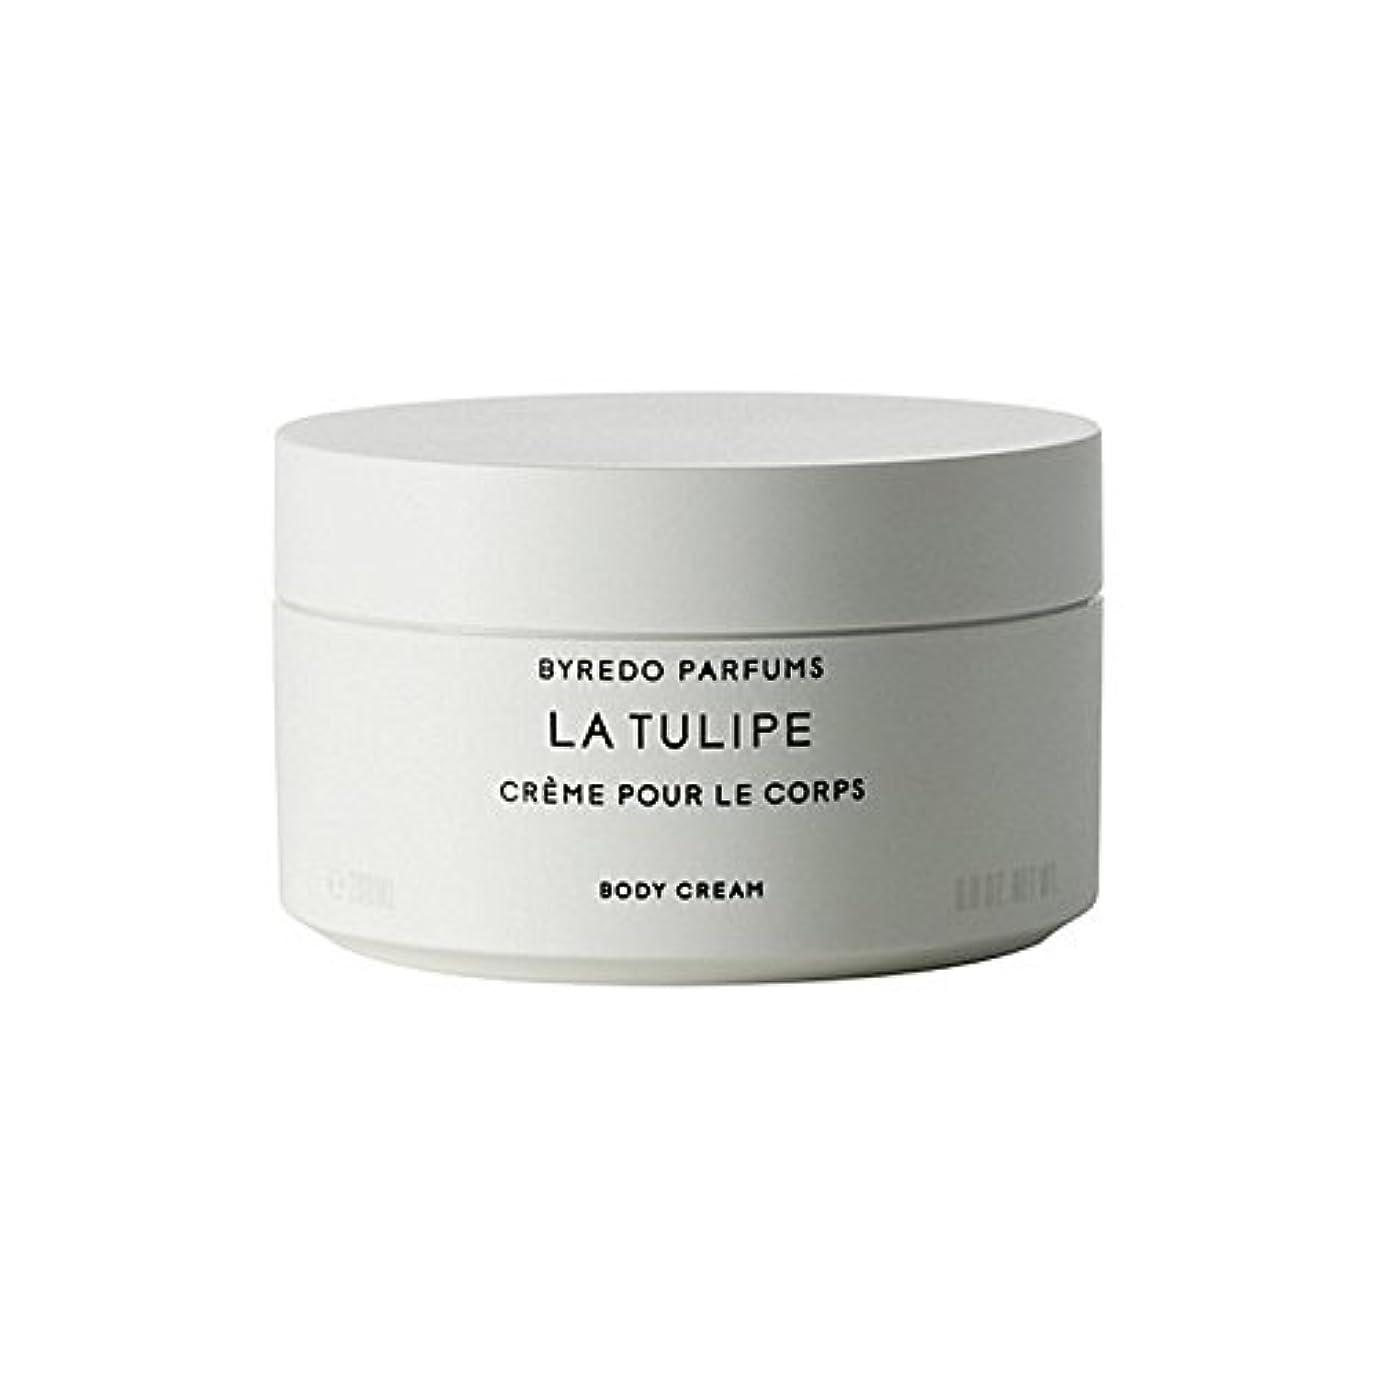 科学ぞっとするような緊張Byredo La Tulipe Body Cream 200ml - ラチューリップボディクリーム200ミリリットル [並行輸入品]